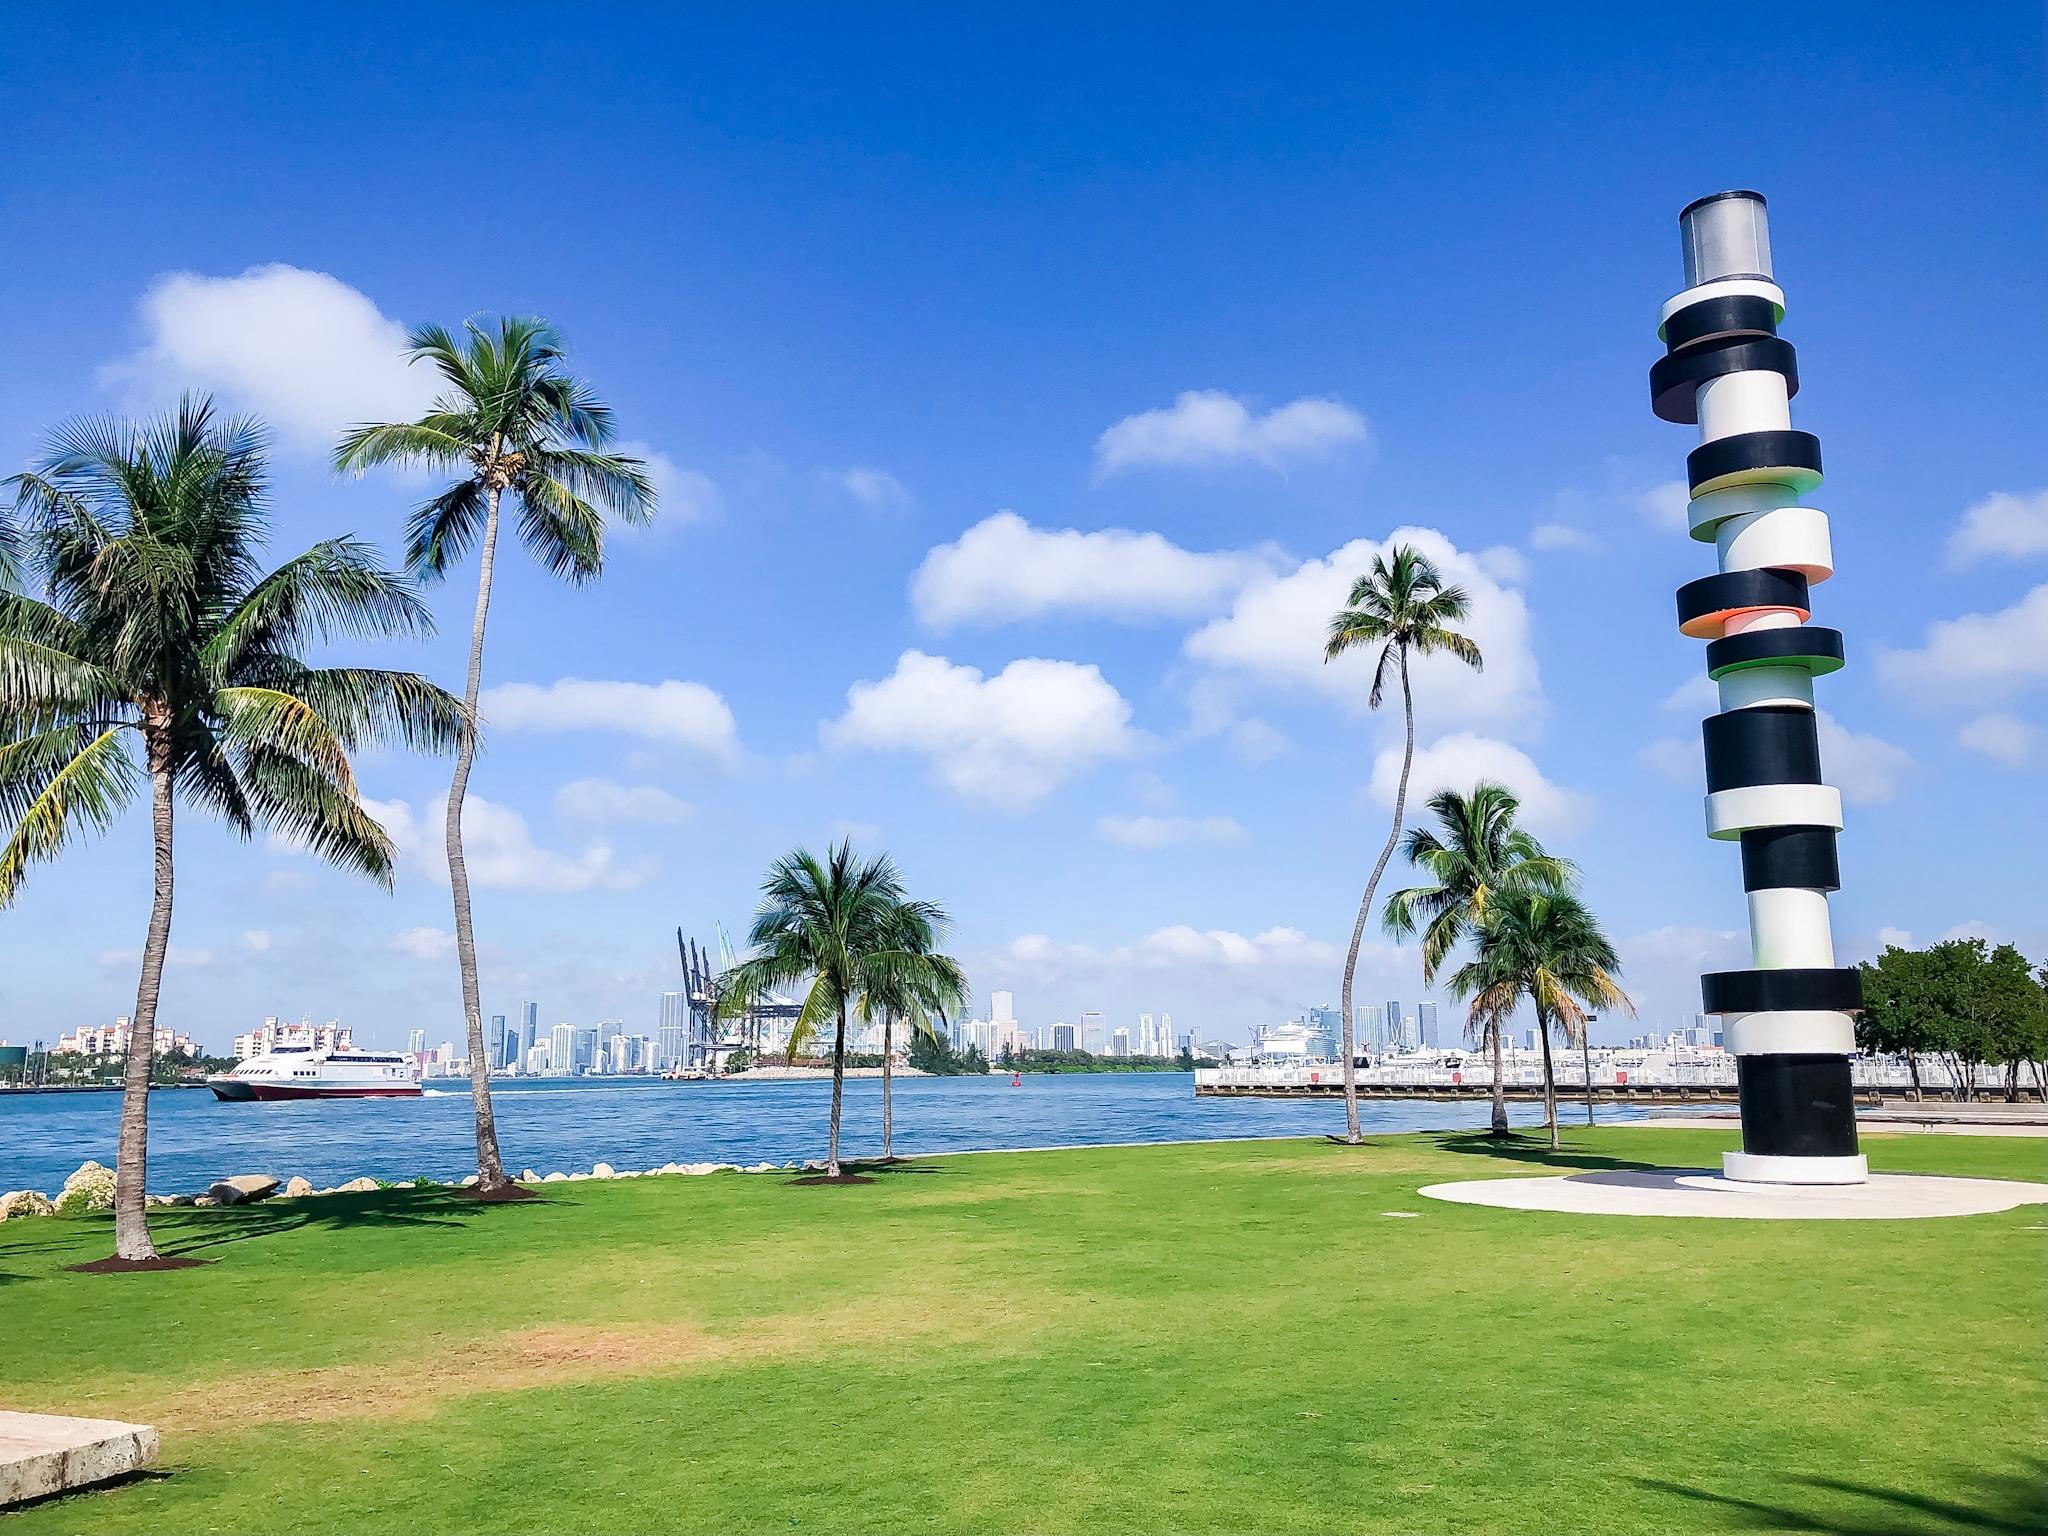 Rainy weather escape to Miami